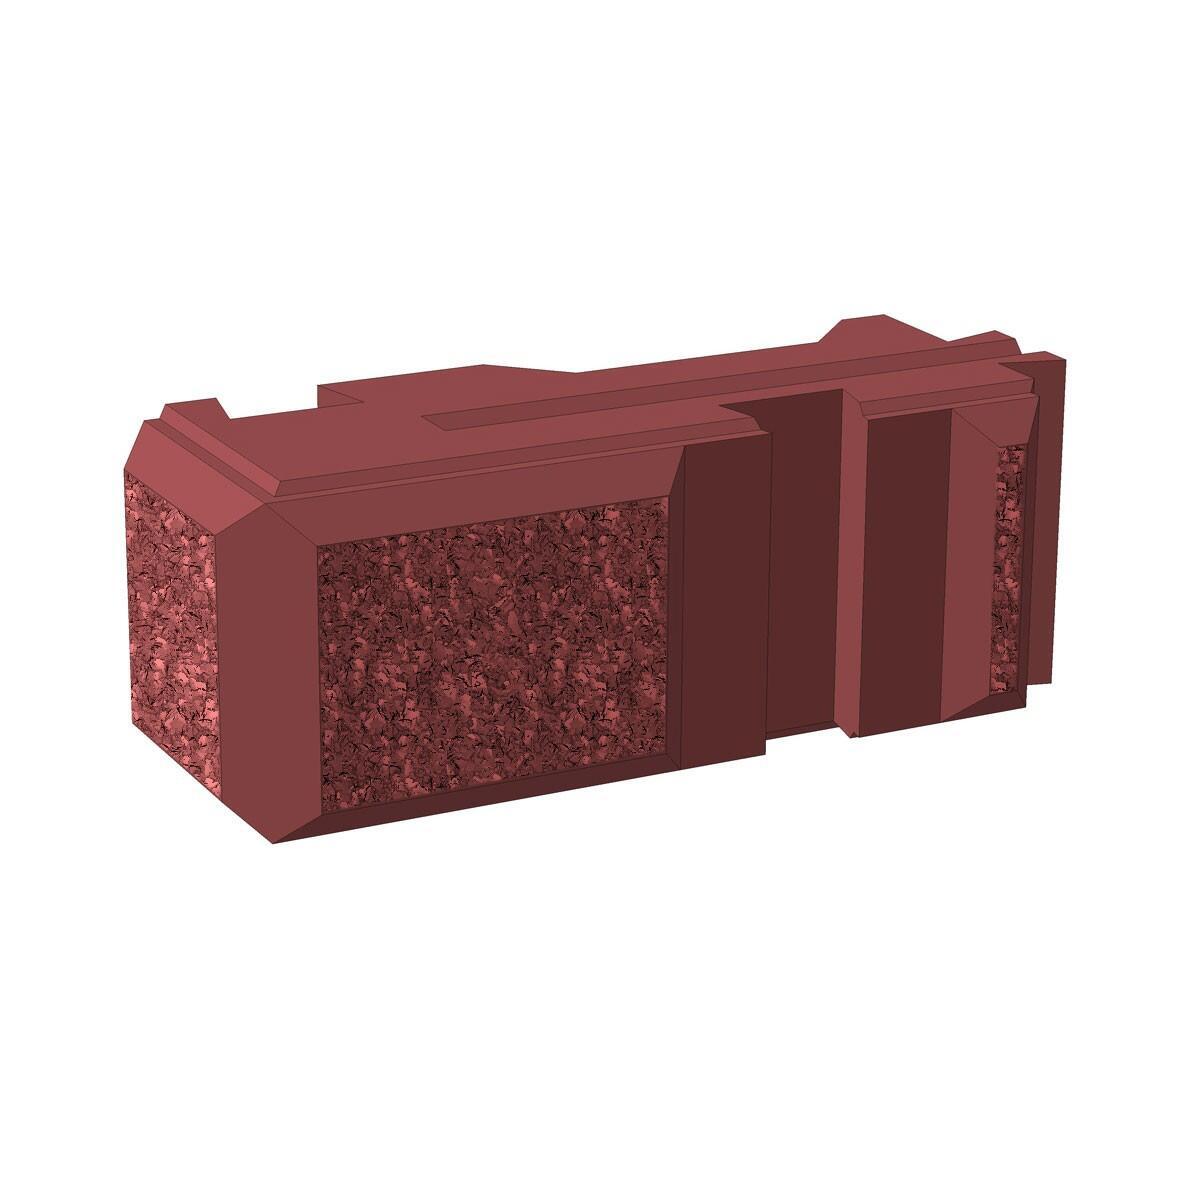 Блок бетонный угловой для забора Brick вид с переди